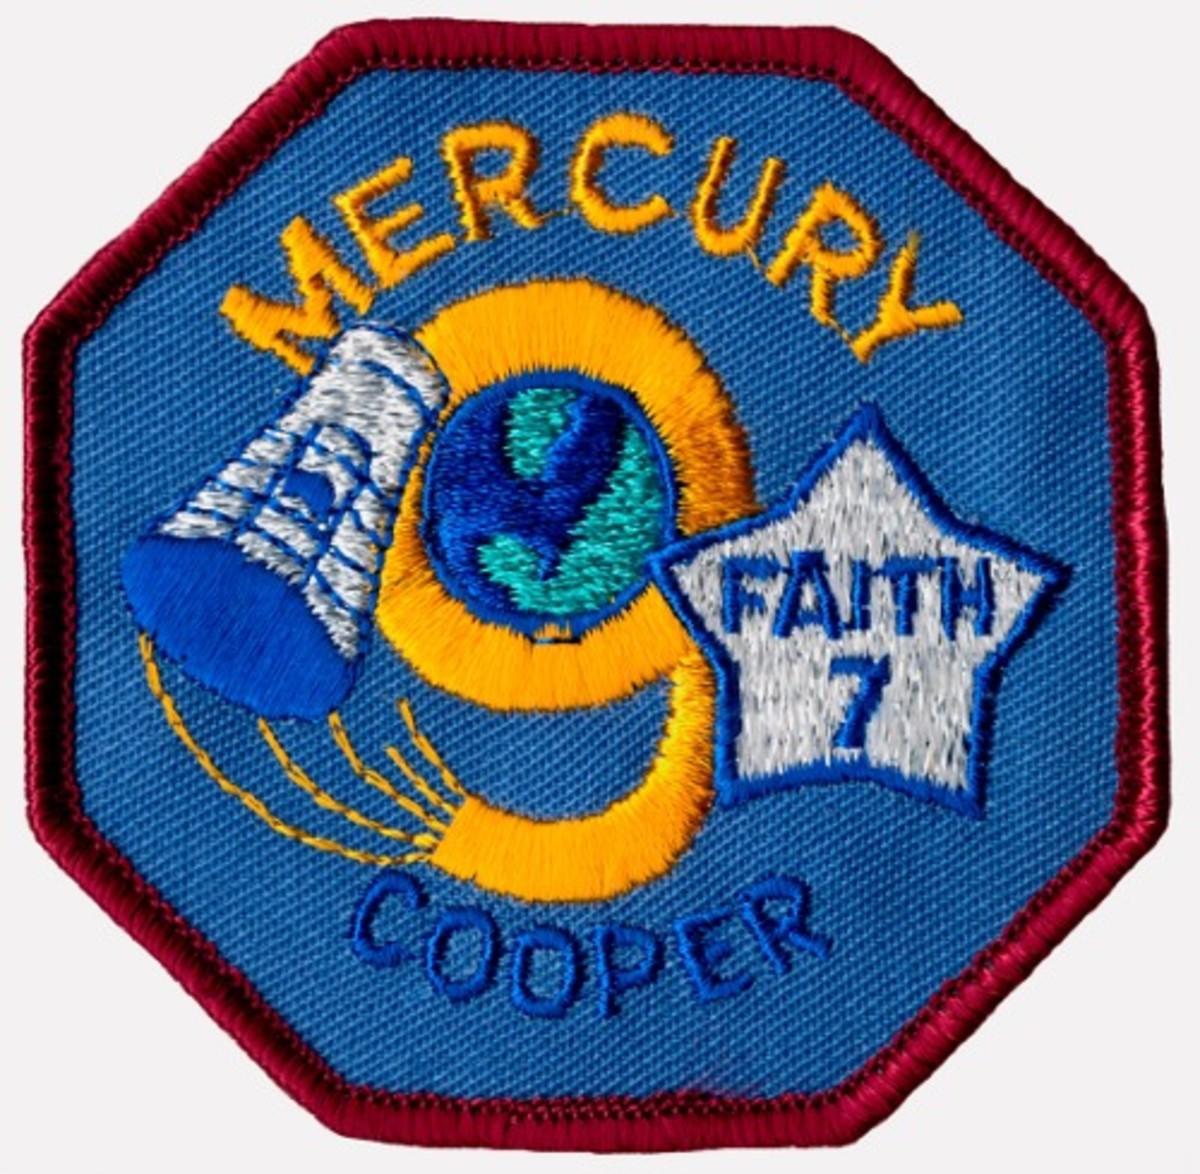 Mission Patch: Gordon Cooper/Faith 7